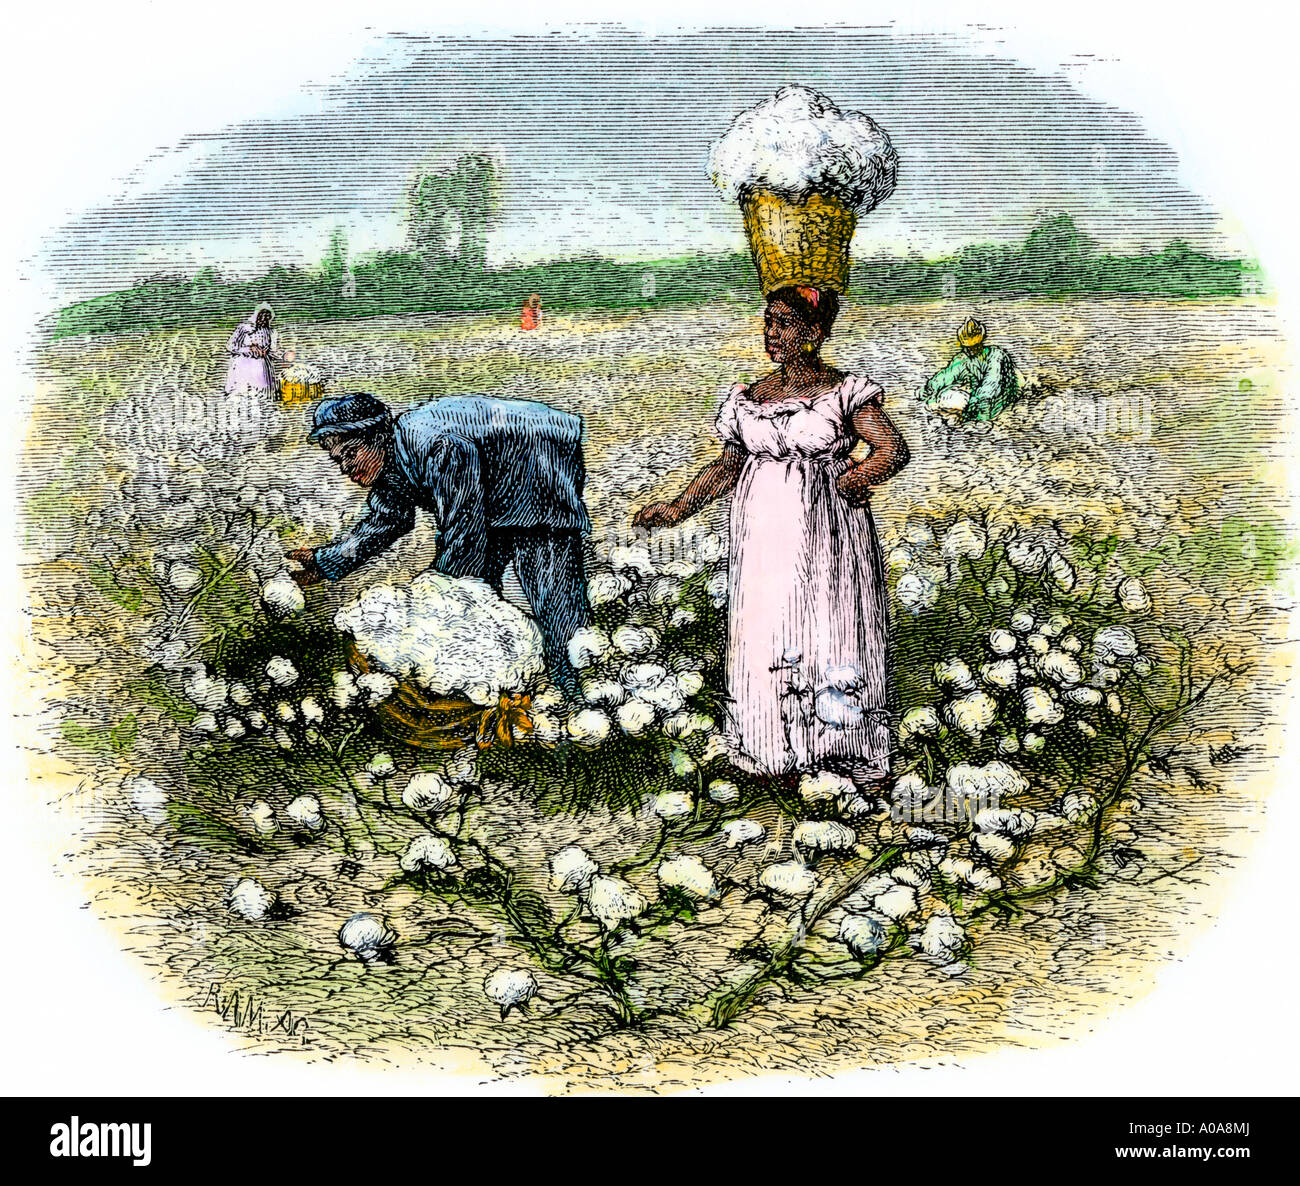 African American slaves Baumwolle pflücken auf einer Plantage im tiefen Süden 1800. Hand - farbige Holzschnitt Stockfoto